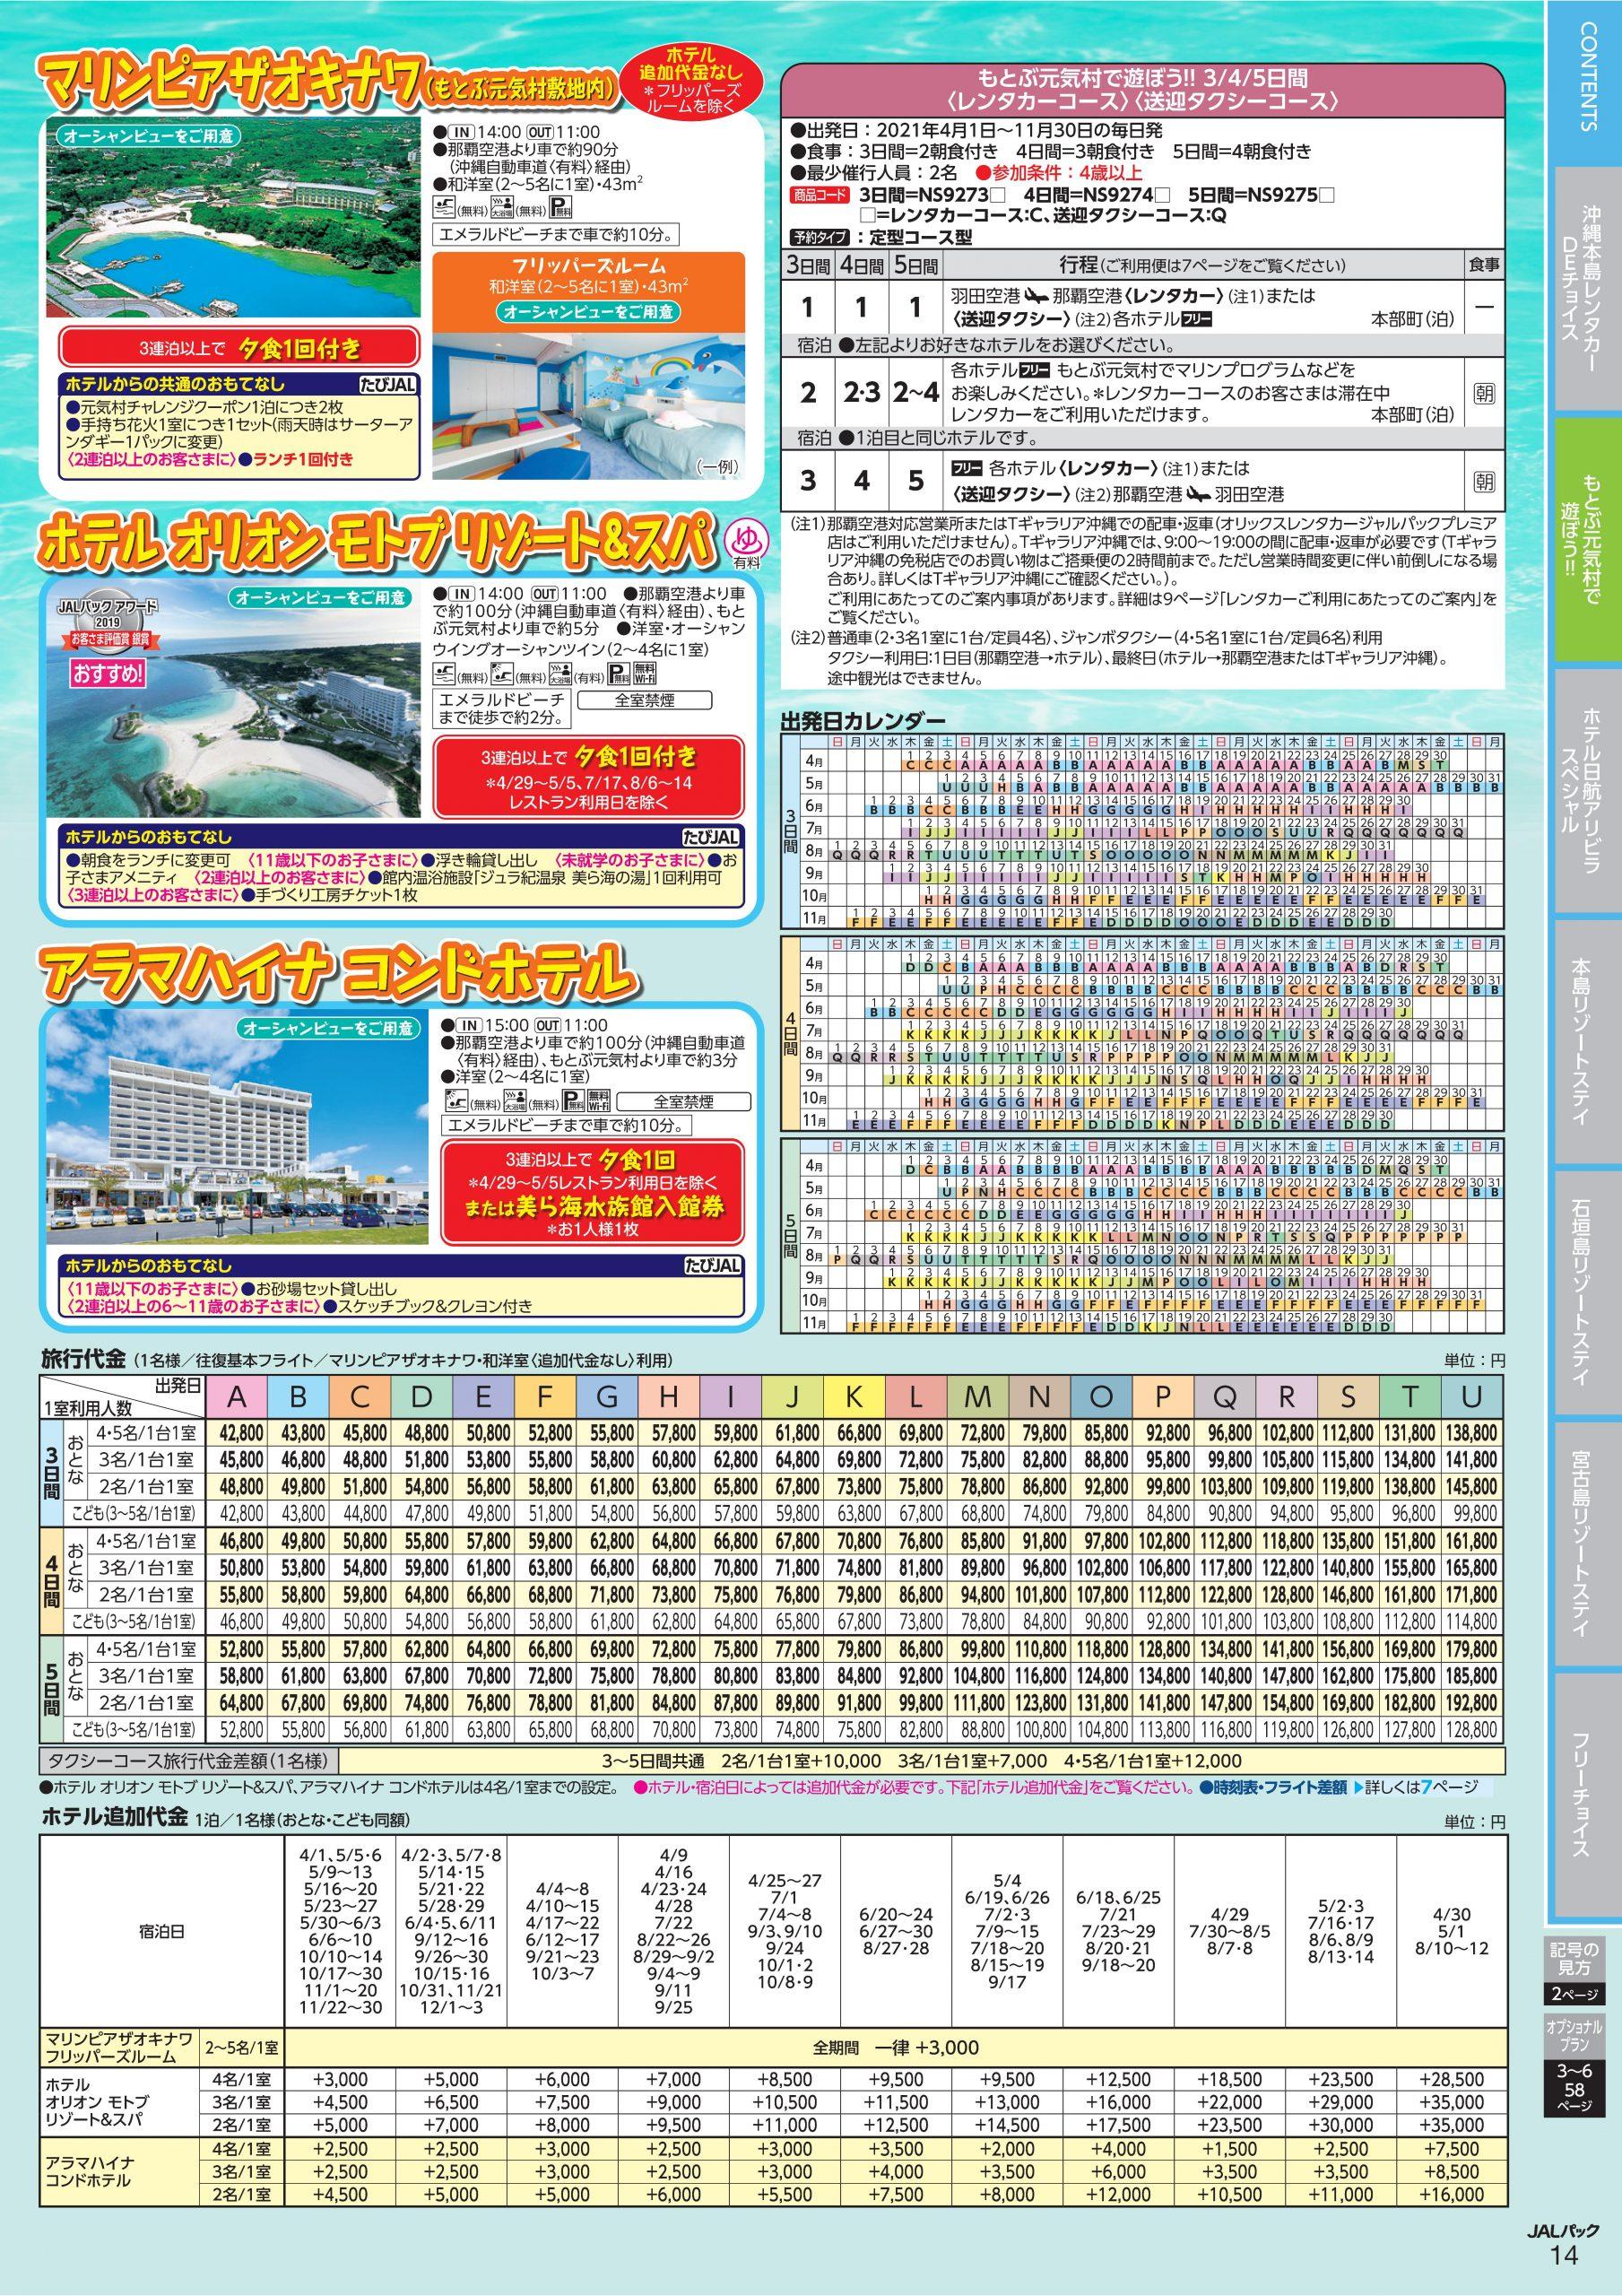 夏のおすすめツアー⑪沖縄(もとぶ)